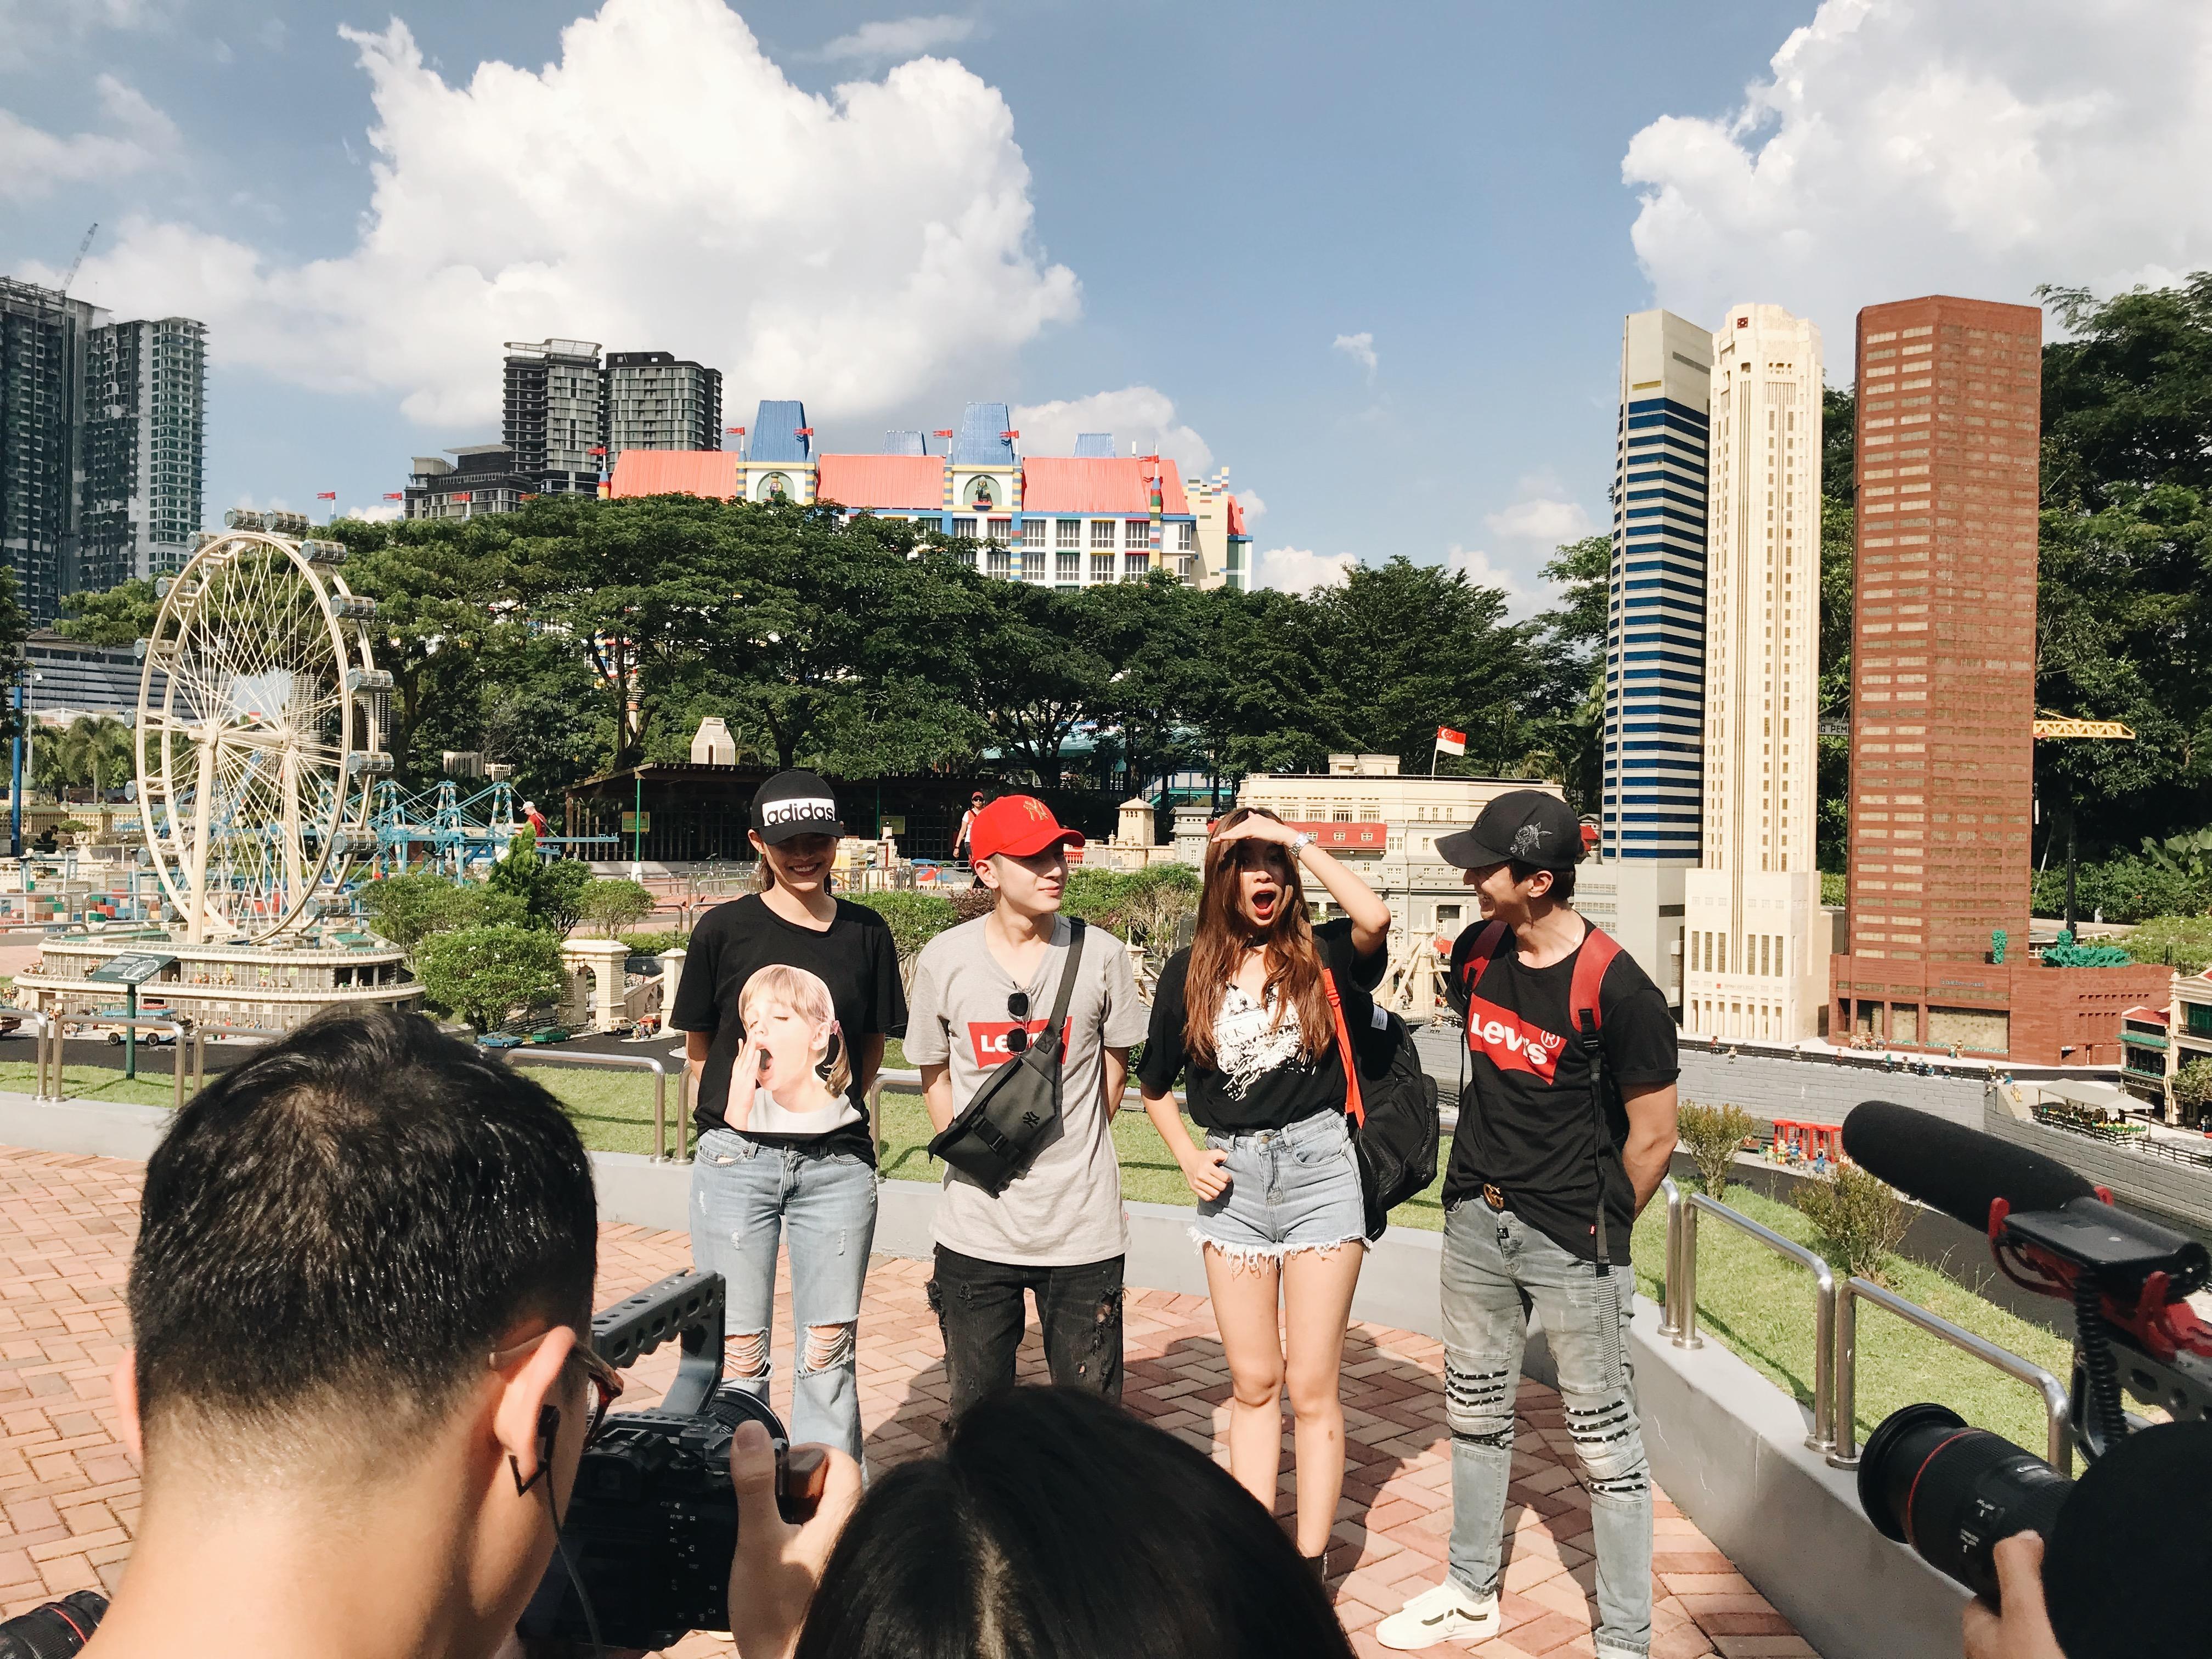 Trương Mỹ Nhân, Phí Ngọc Hưng đối đầu Đồng Ánh Quỳnh, Bình An trong chương trình du lịch tương tác tại Malaysia - Ảnh 2.